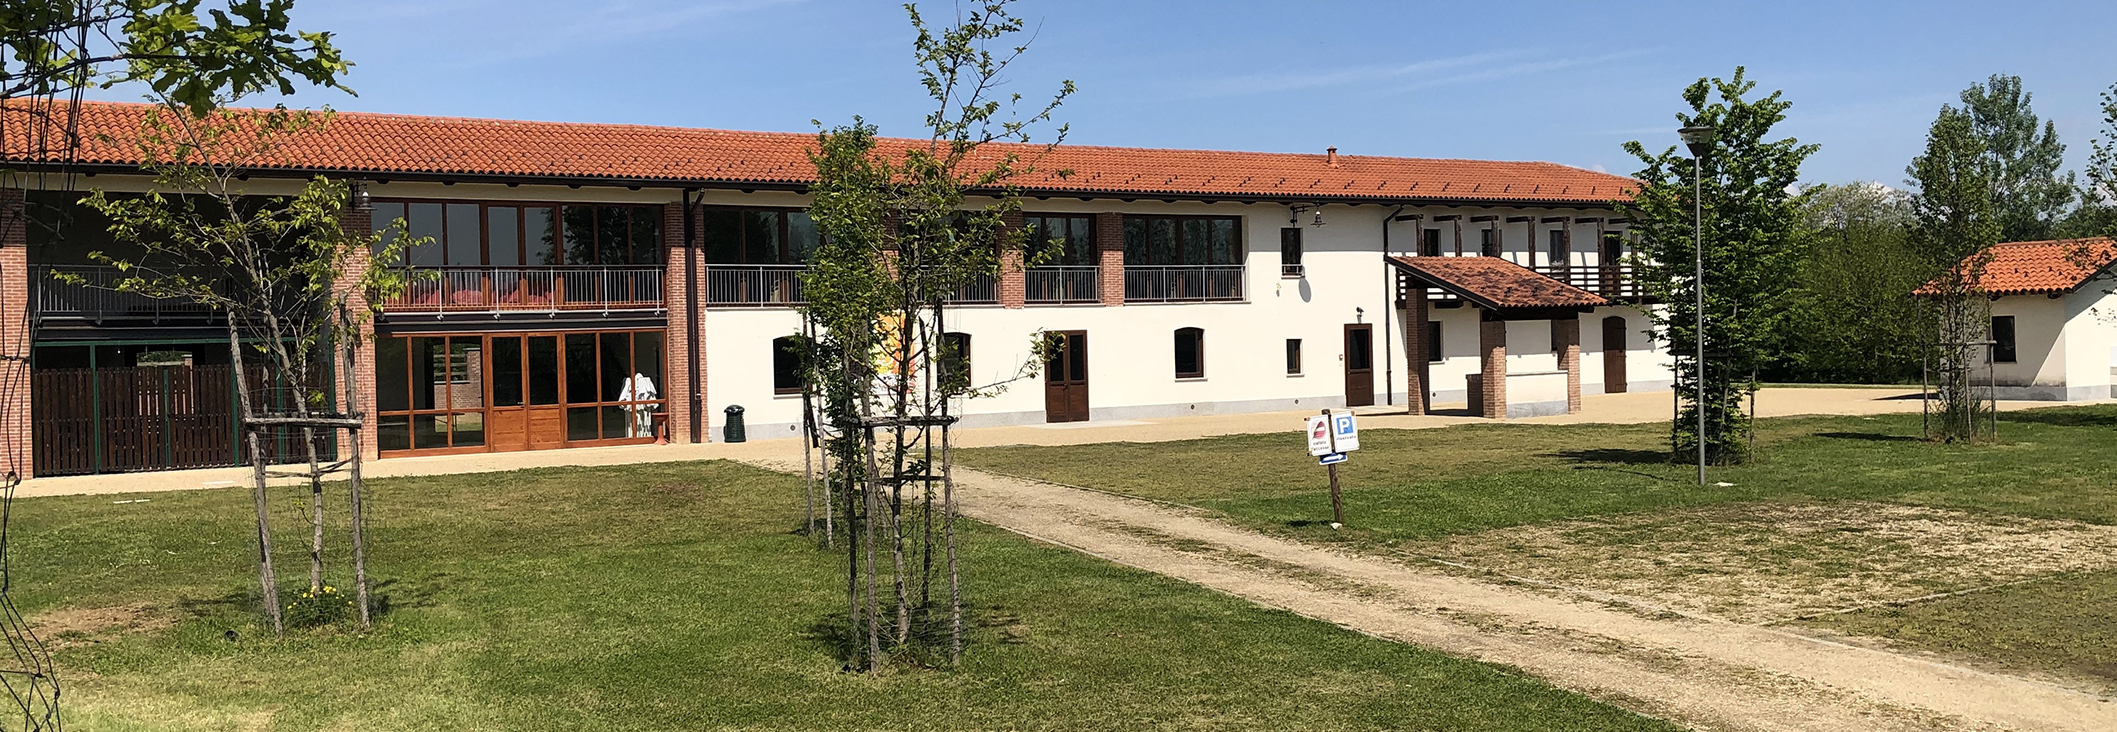 Cascina Grangetta, all'interno del Parco Naturale La Mandria  (Druento, Torino), è un centro integrato di accoglienza, formazione, didattica e agricoltura per le scuole, gli enti di formazione, le associazioni e le cooperative interessati al turismo ambientale e naturalistico, gestito dall'Associazione 3e60.